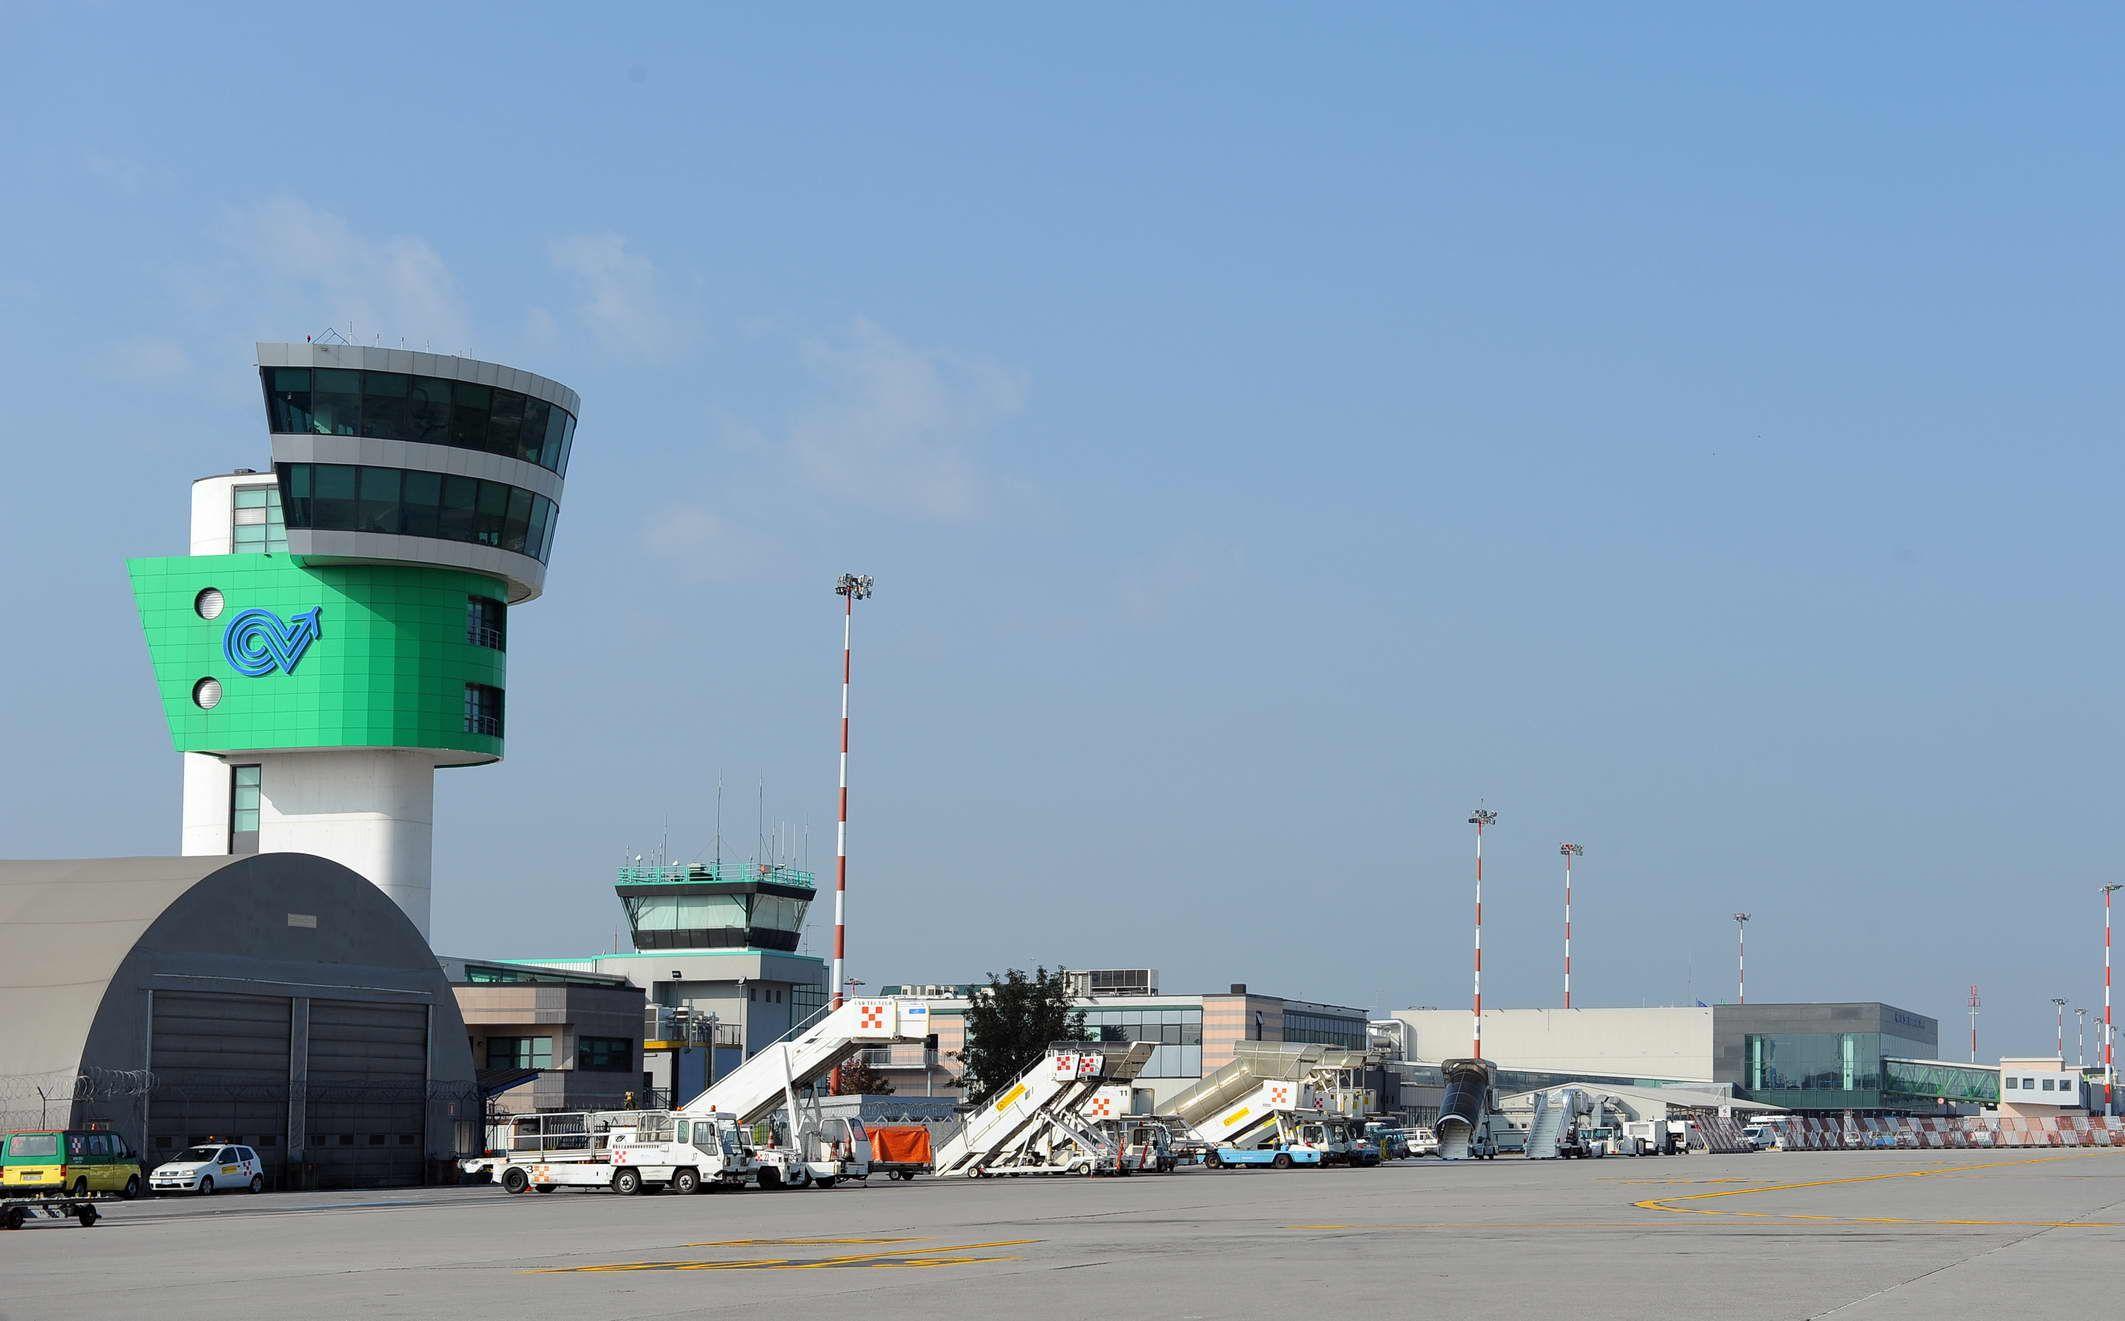 Aeroporto Orio : Bergamo aeroporto di orio al serio nel caos lettera